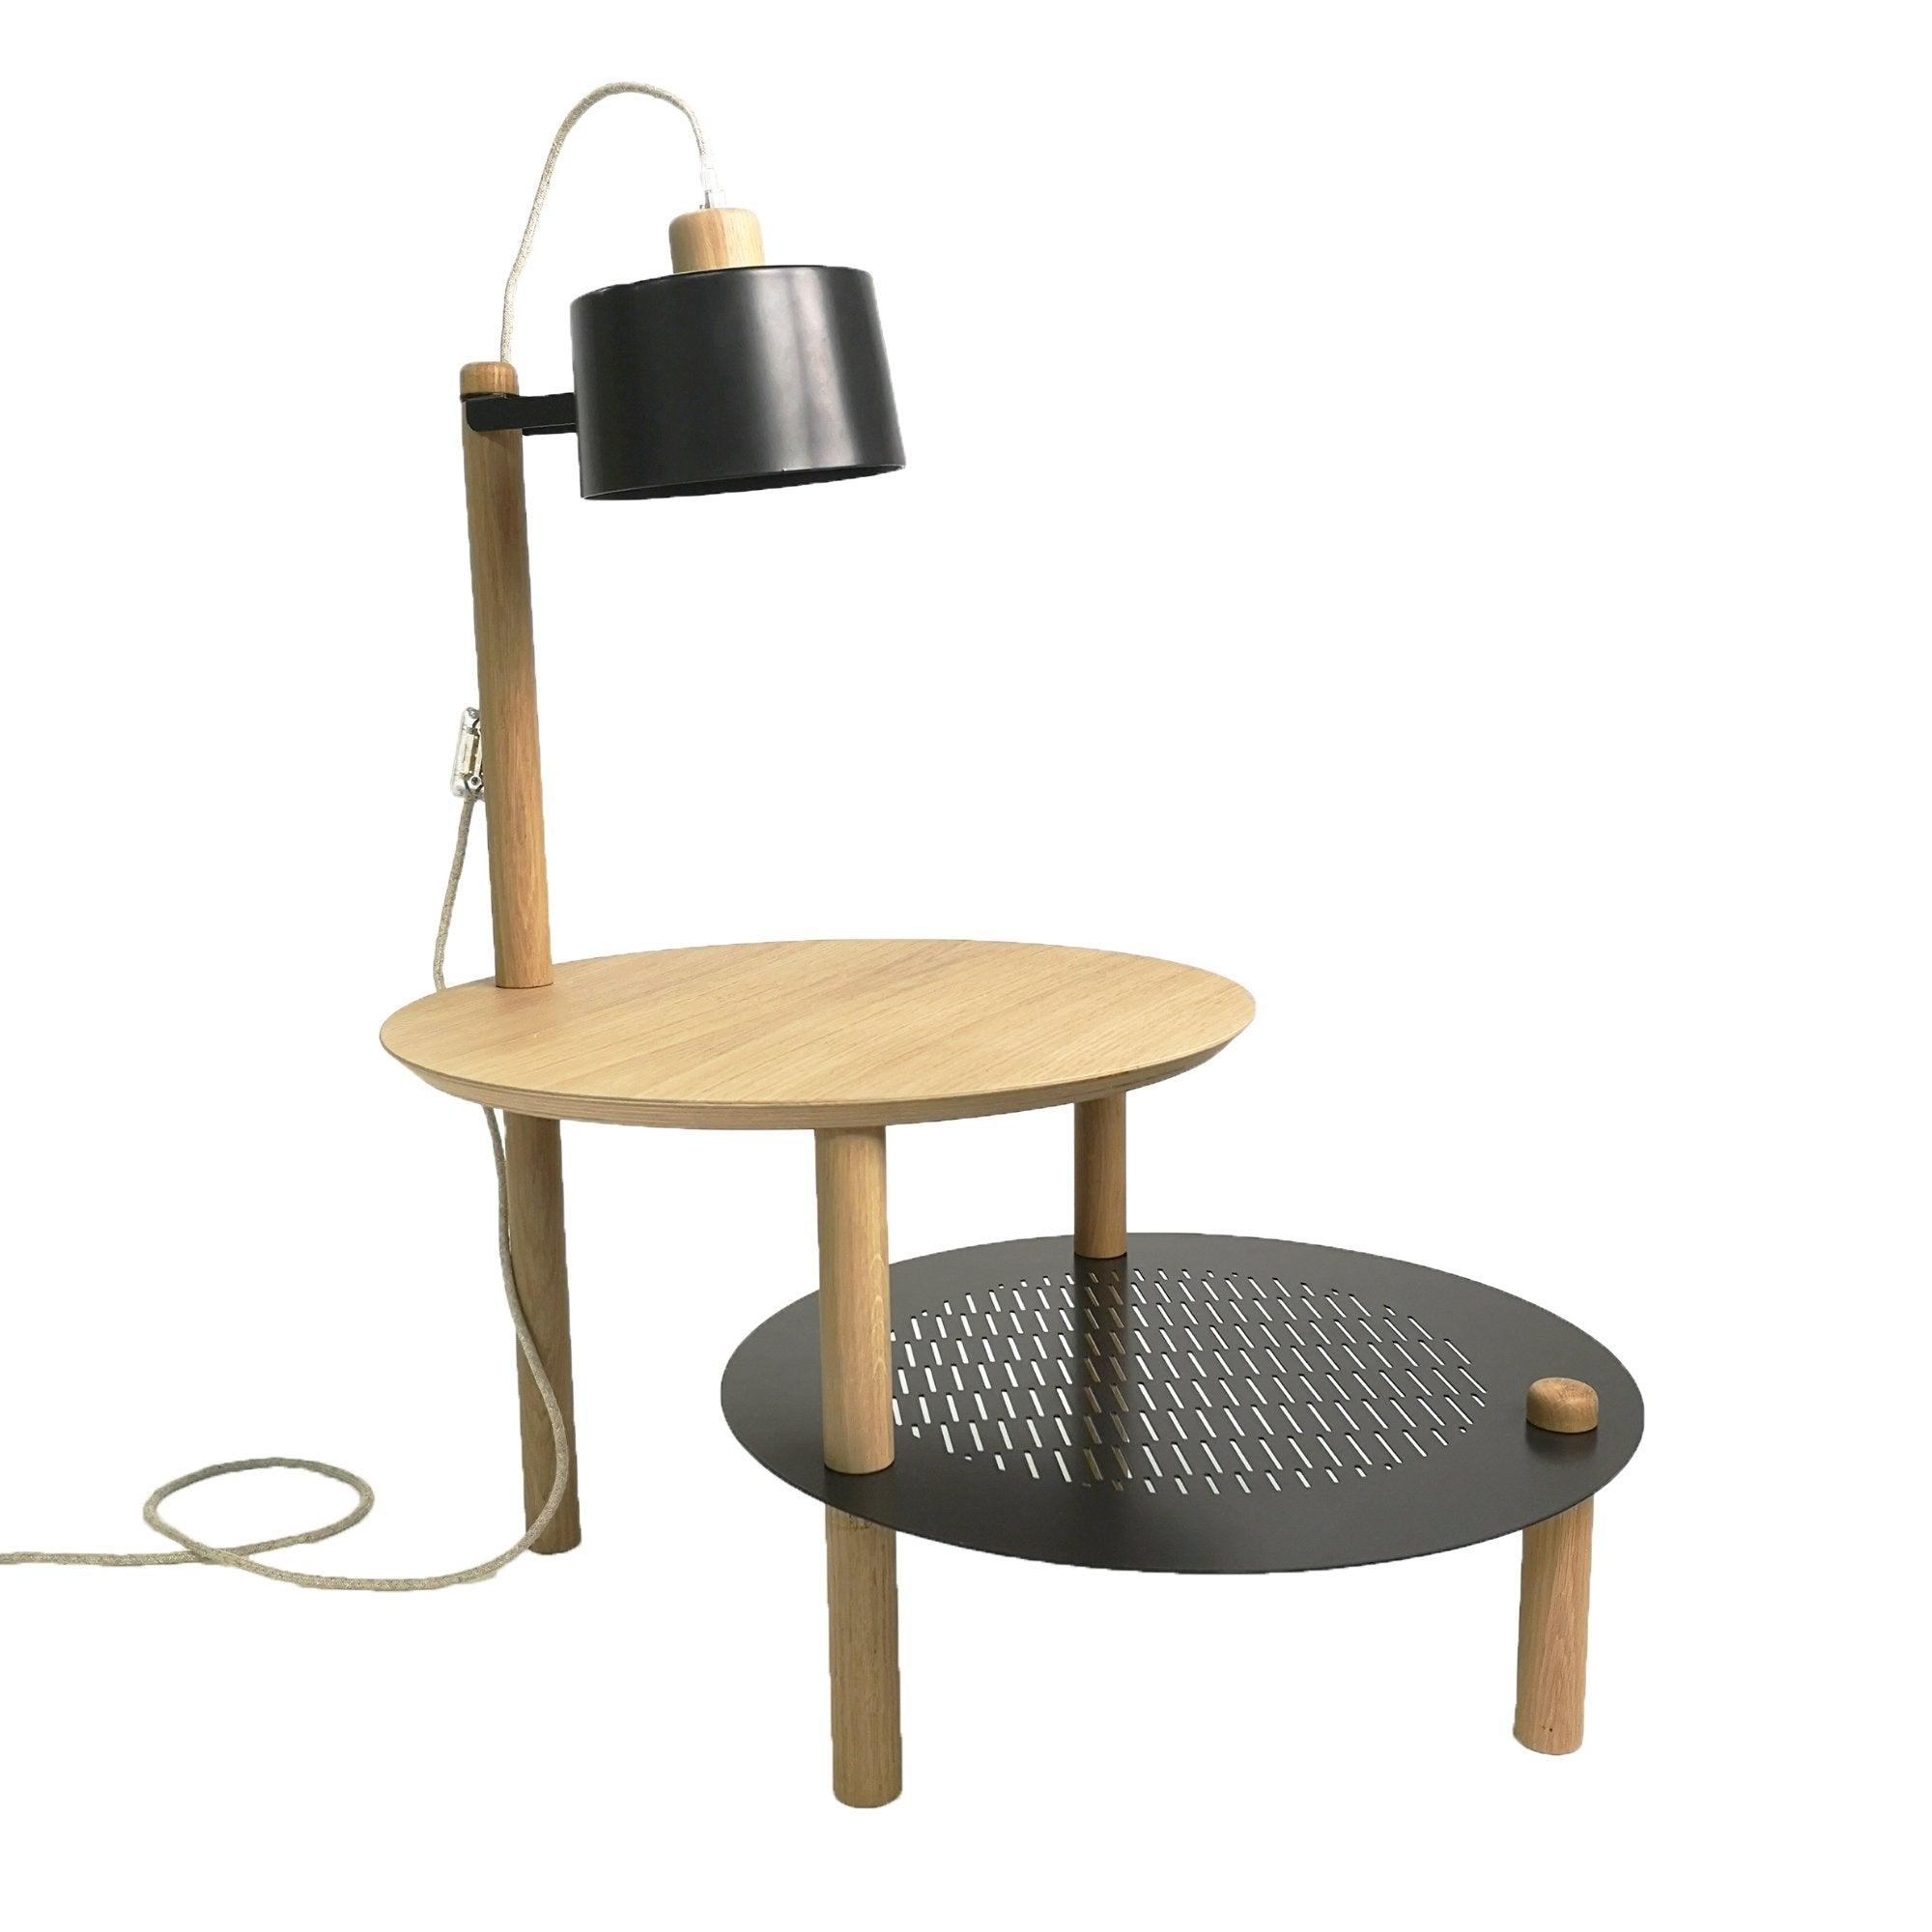 DIZY design Table d'appoint avec plateaux décalés, lampe en chne & métal noir